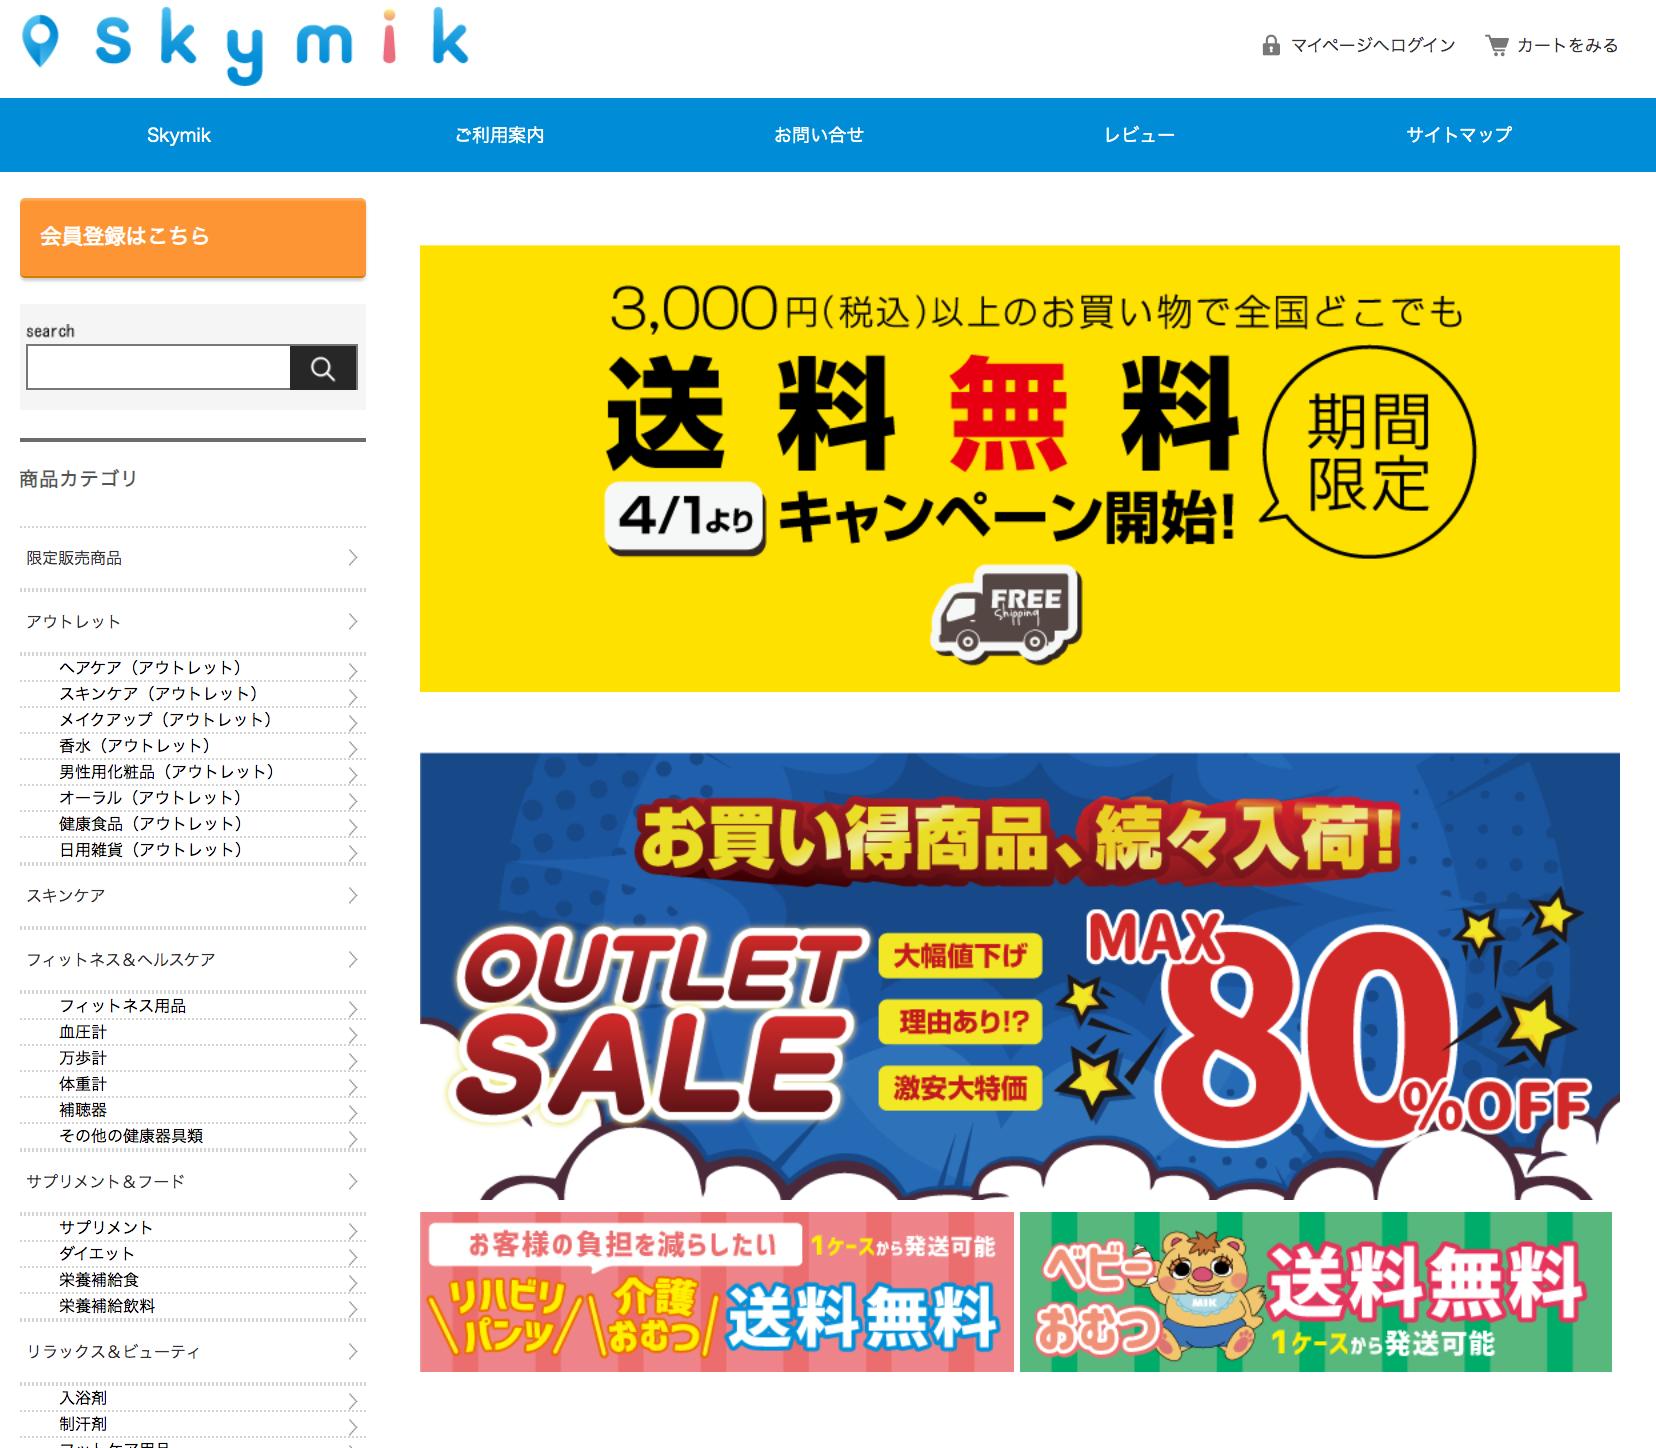 skymik-image